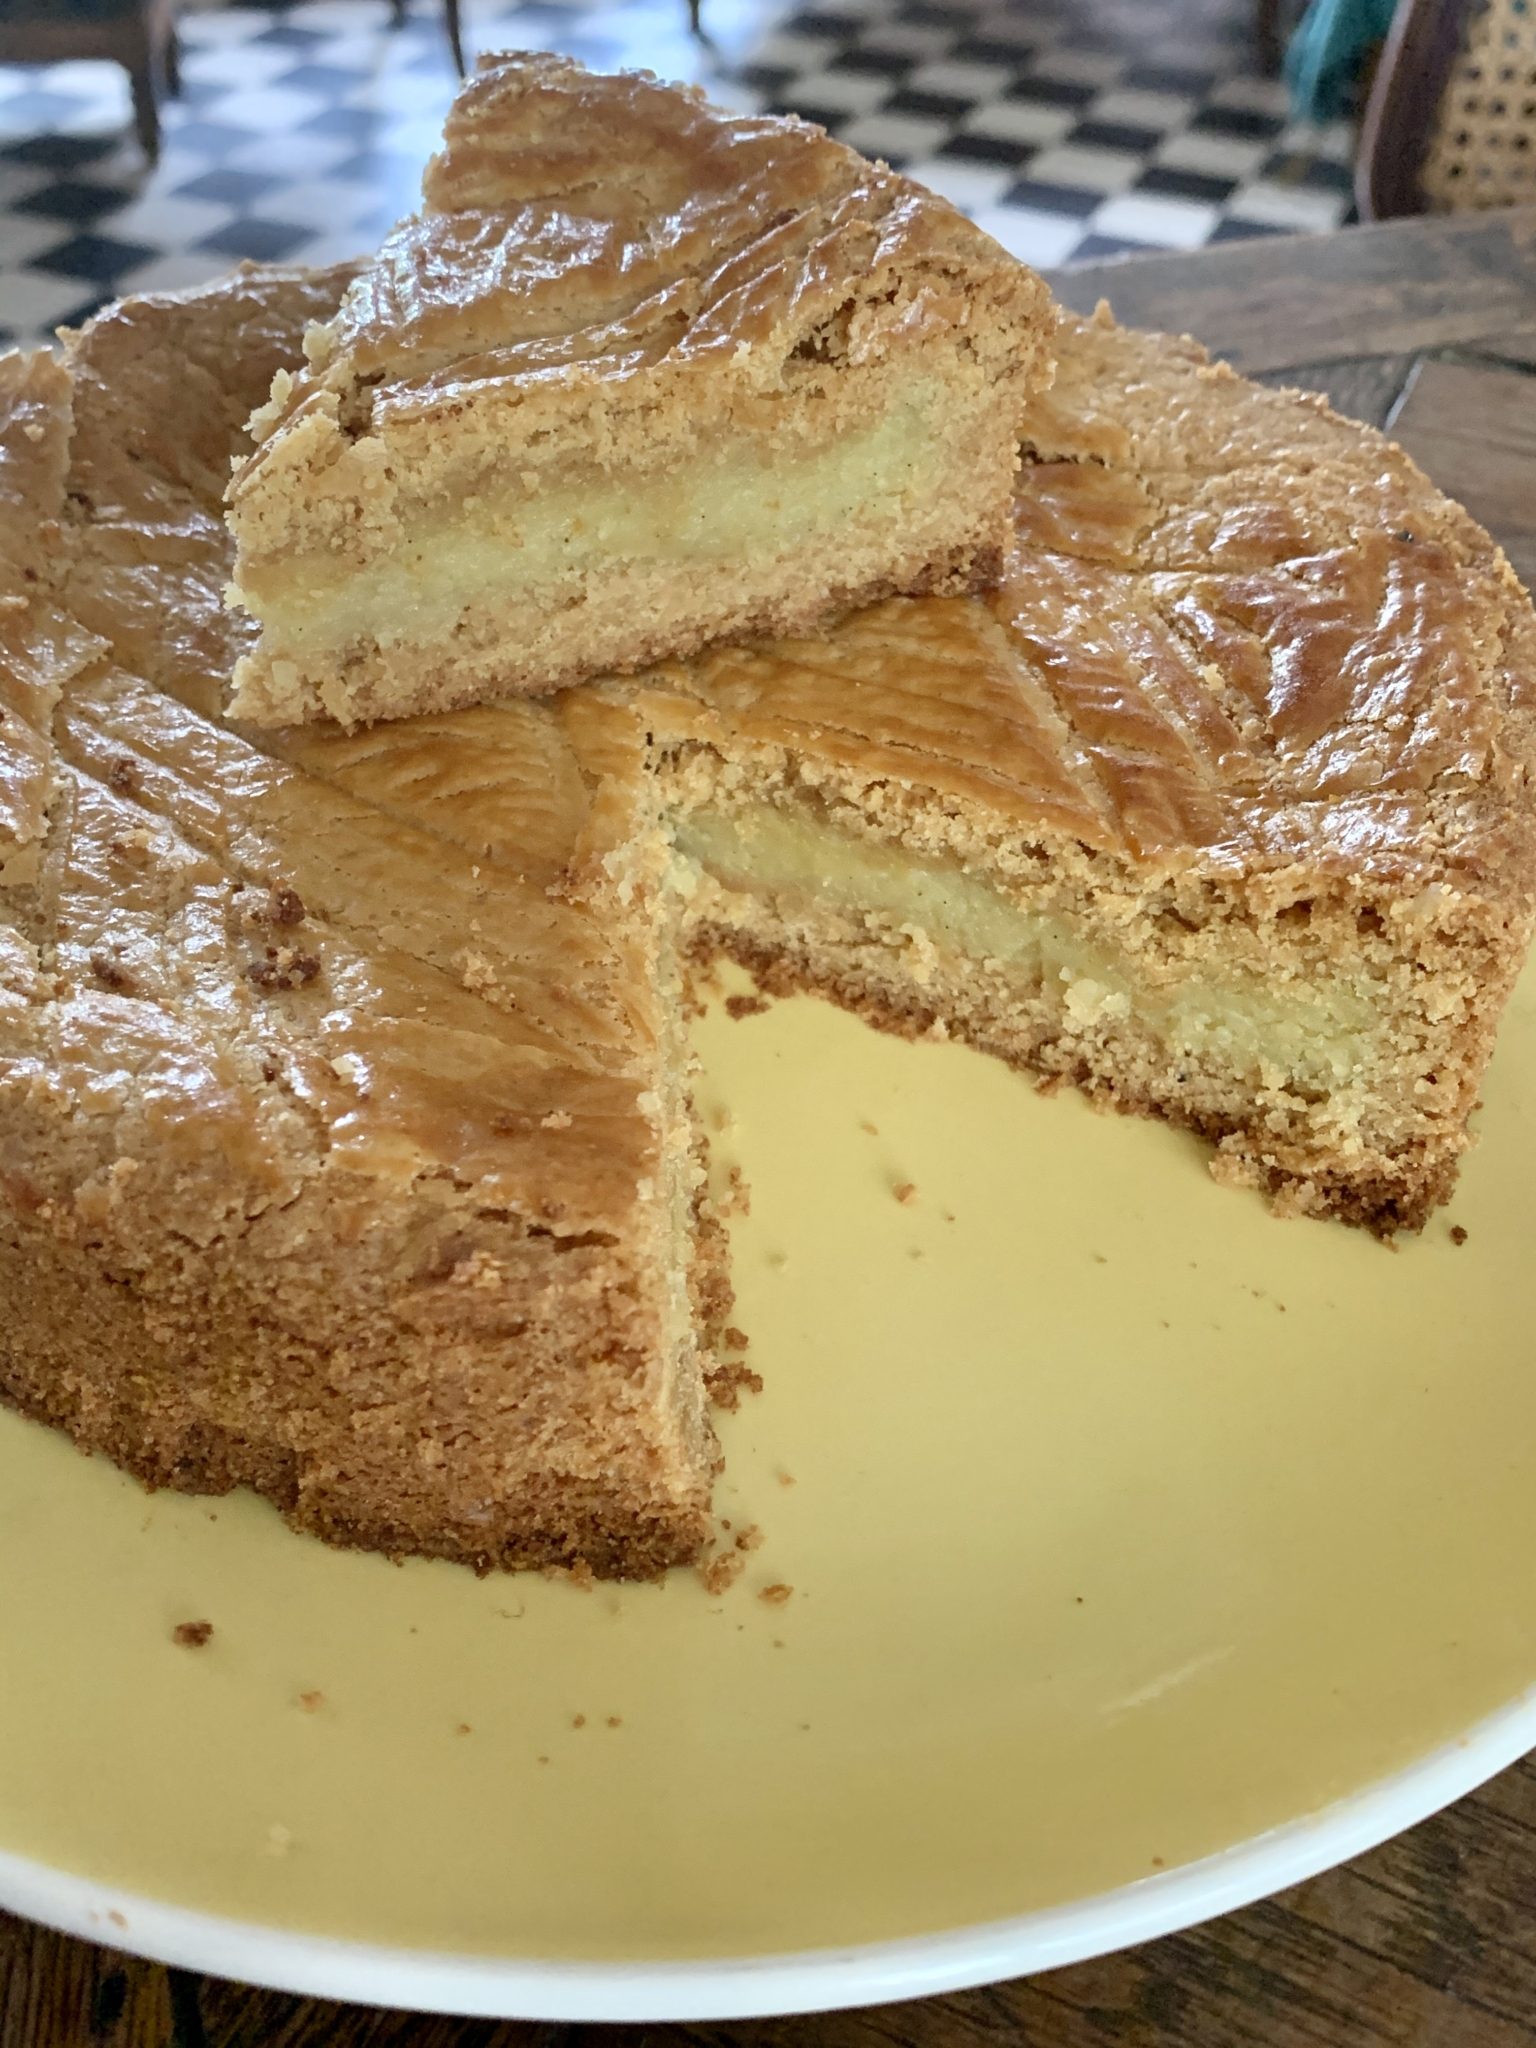 Gâteau basque adapté sans gluten d'une recette de Thierry Bamas